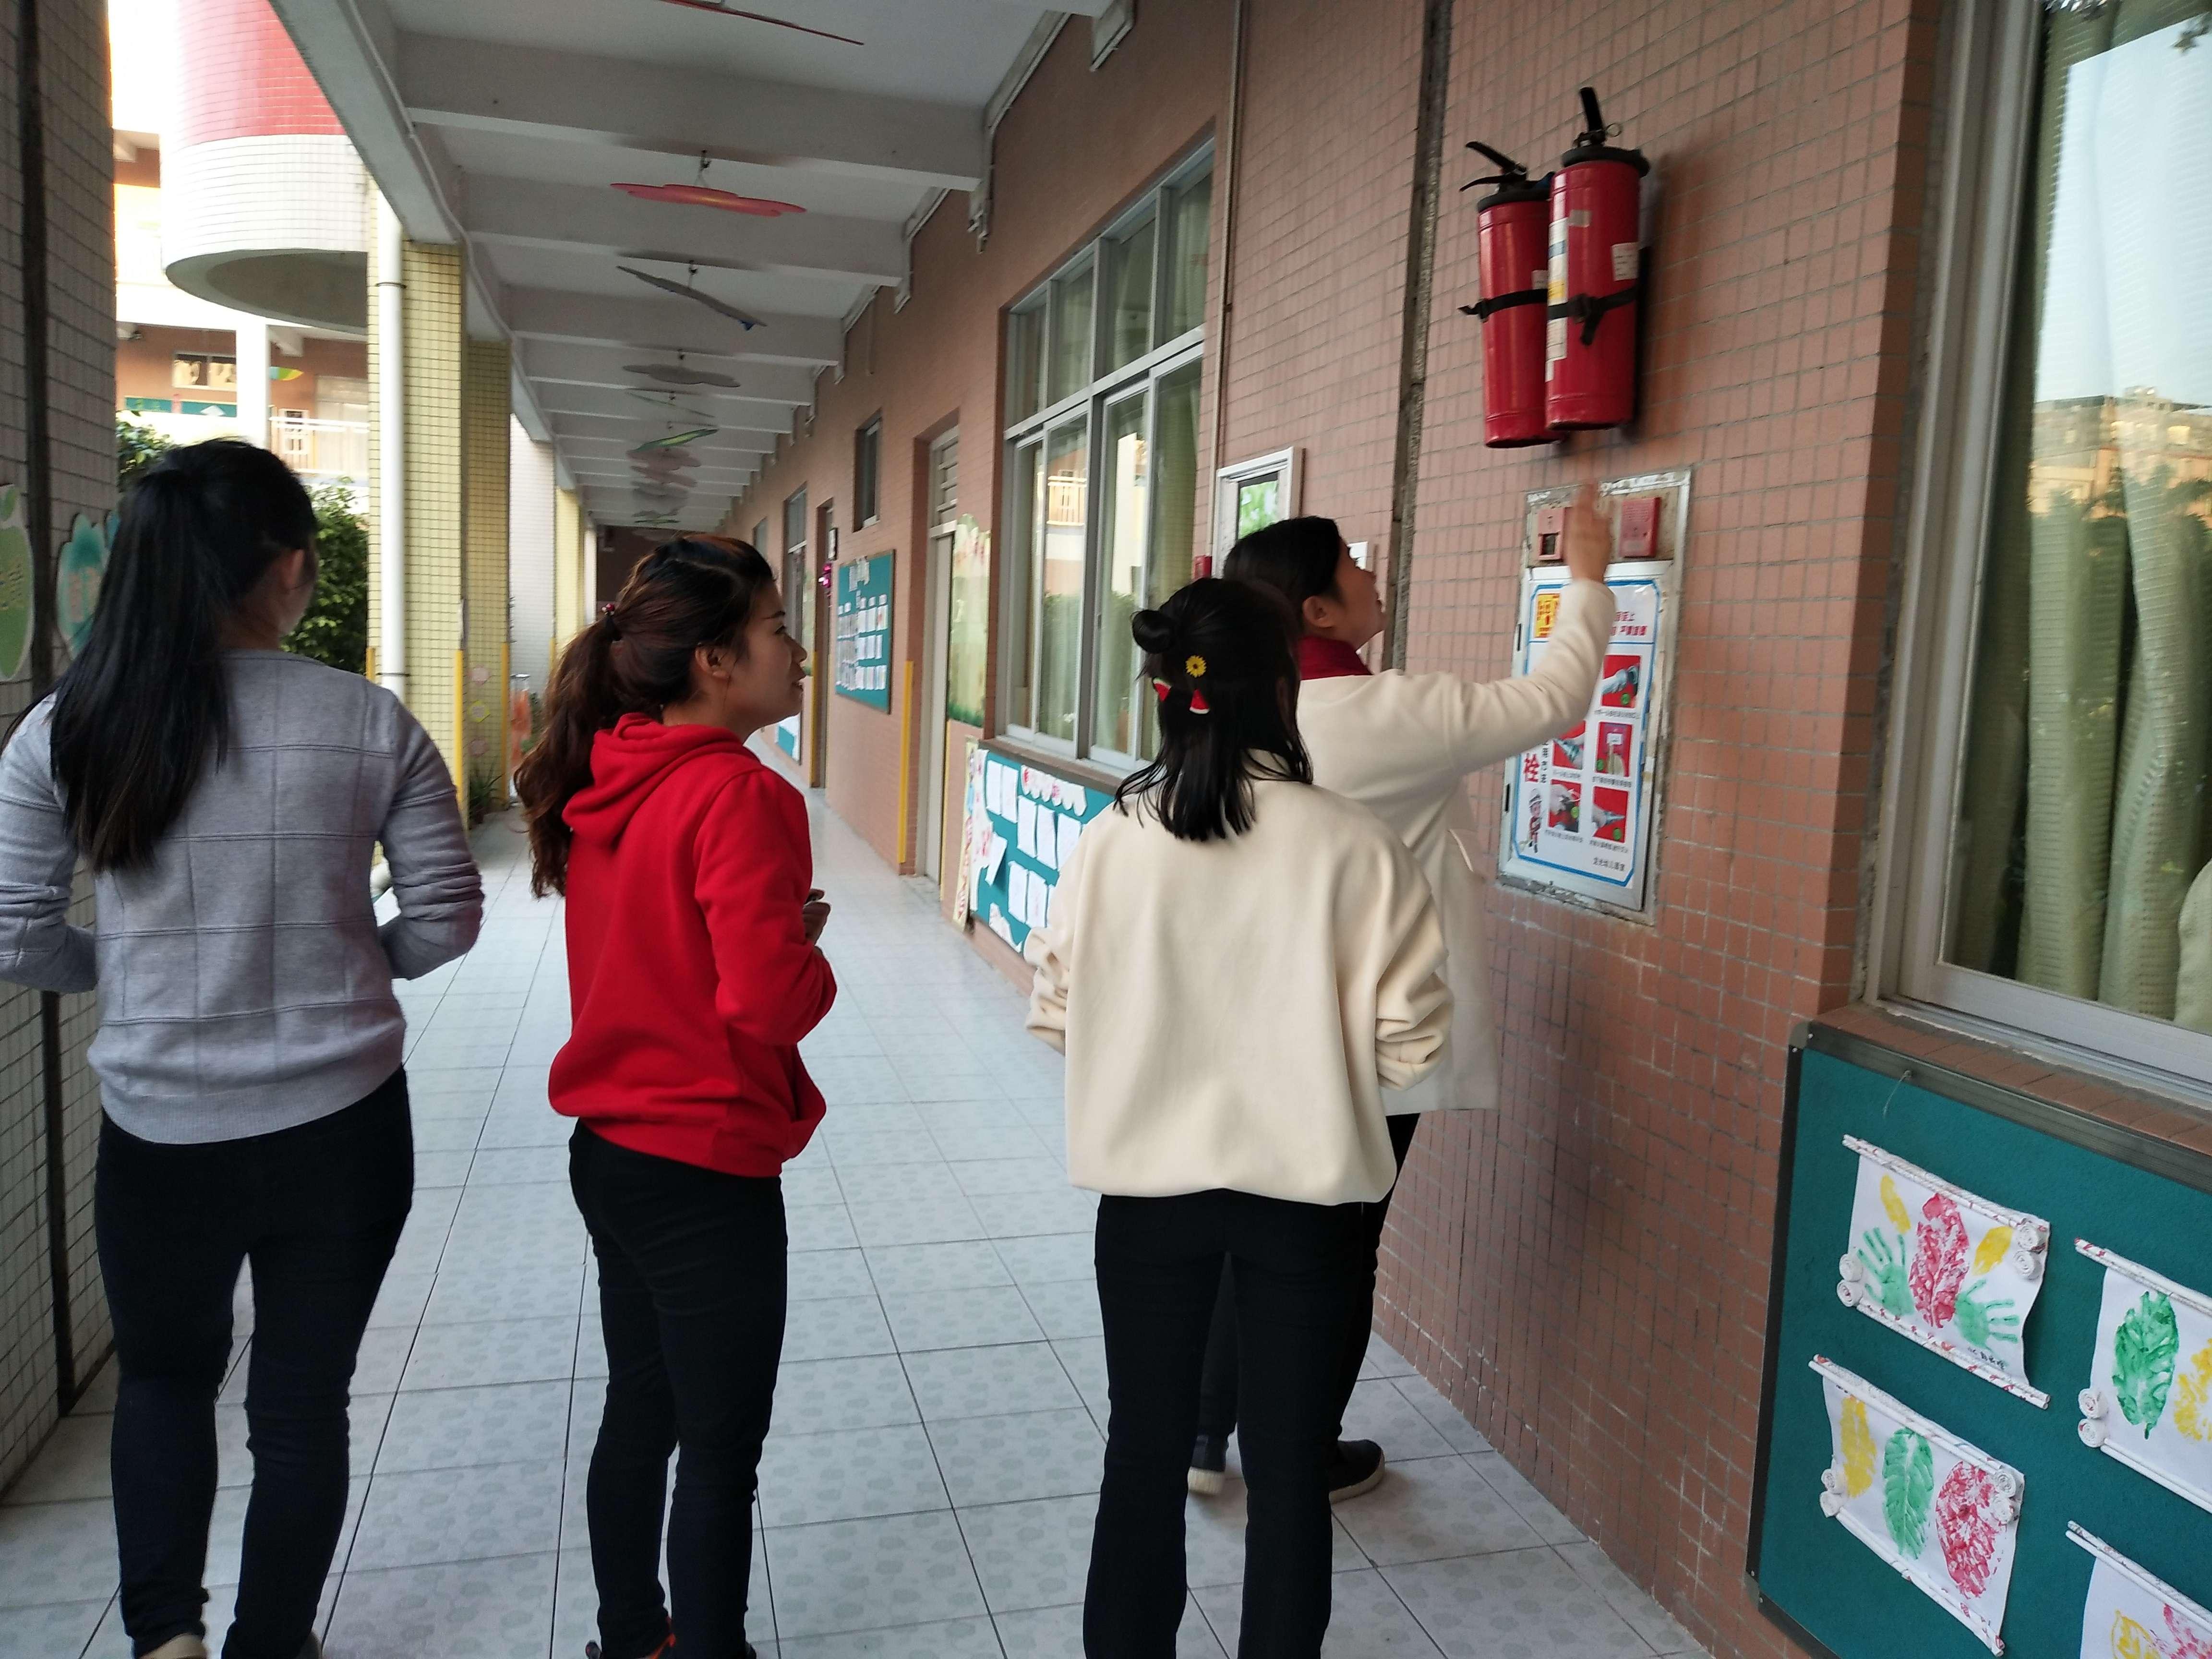 排除安全隐患,做好节前检查——记龙光幼儿园元旦假期